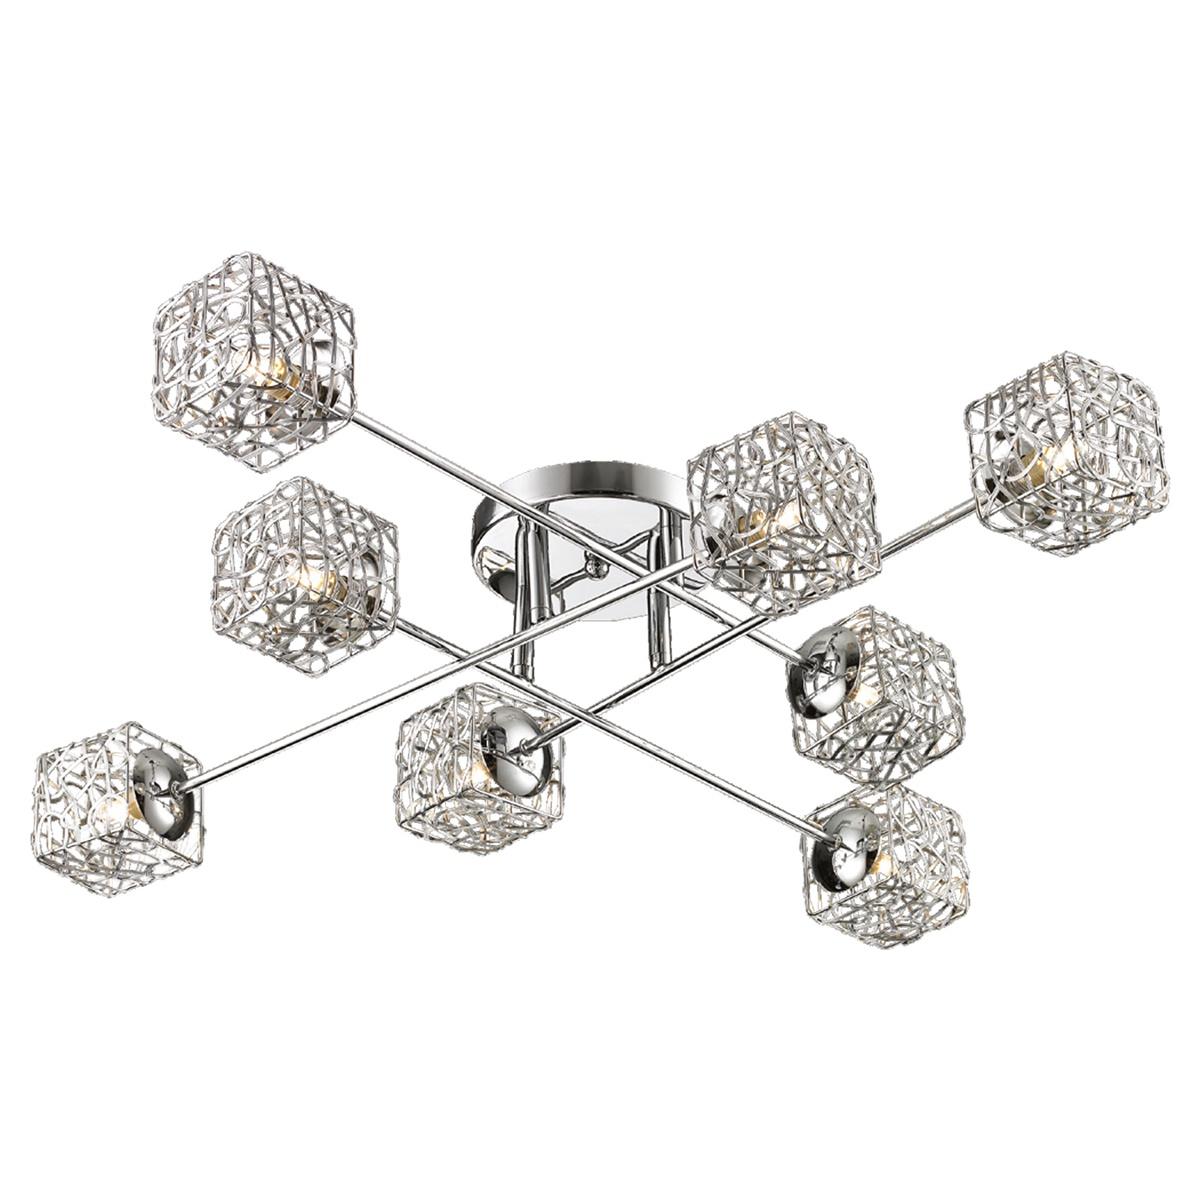 Потолочный светильник Collezioni Frost цены онлайн